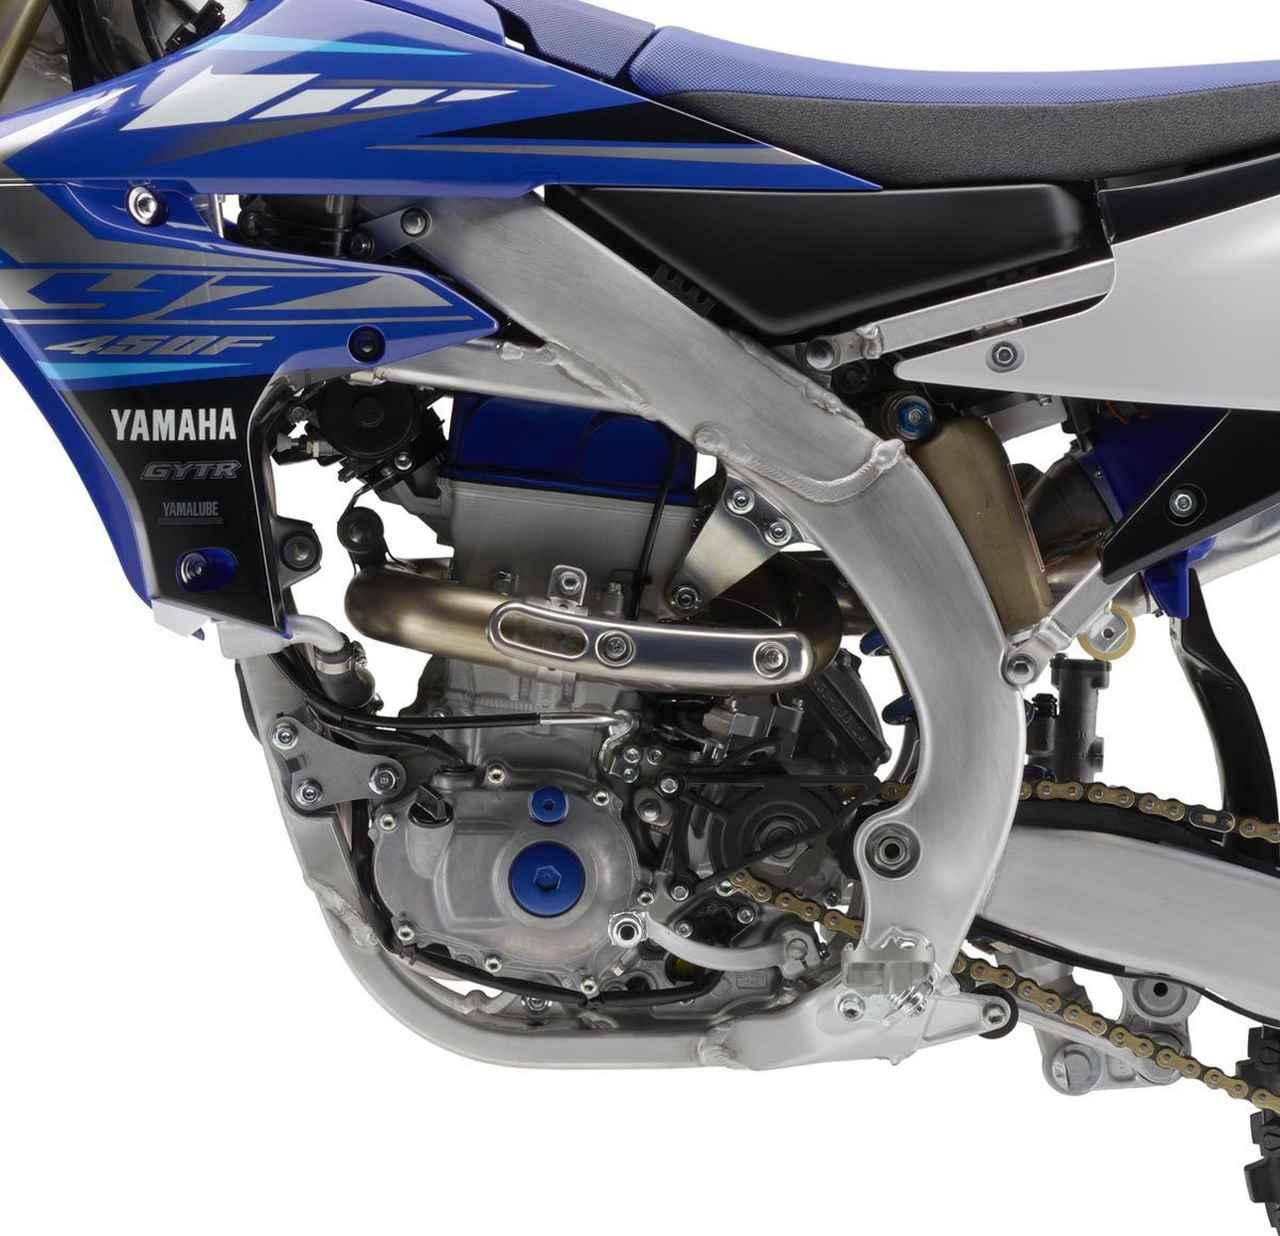 画像1: モトクロスモデルのYZ450Fは エンジン、フレーム、ブレーキなどを一新